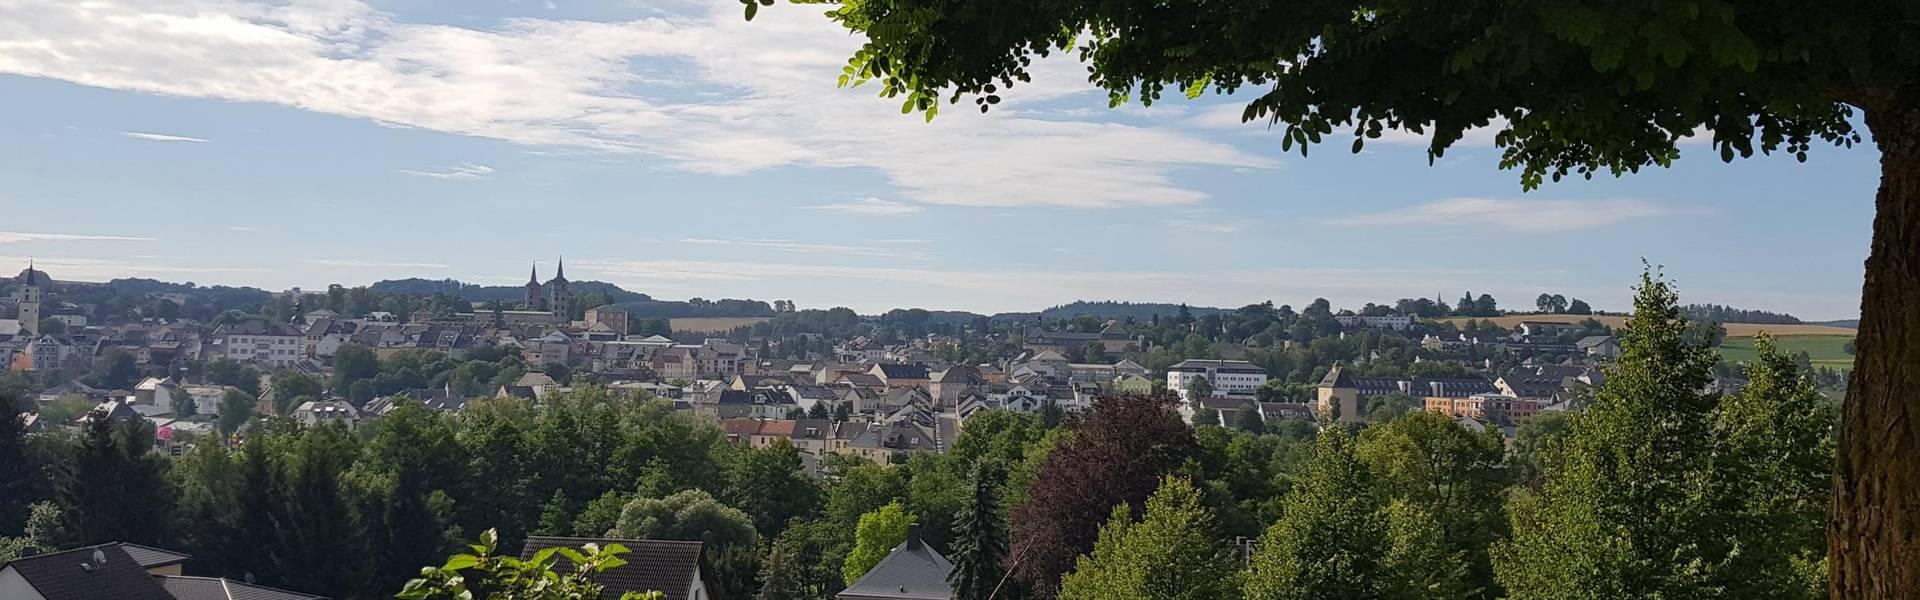 Blick auf die Stadt Schleiz von der Bergkirche aus ©Landratsamt Saale-Orla-Kreis, Pressestelle